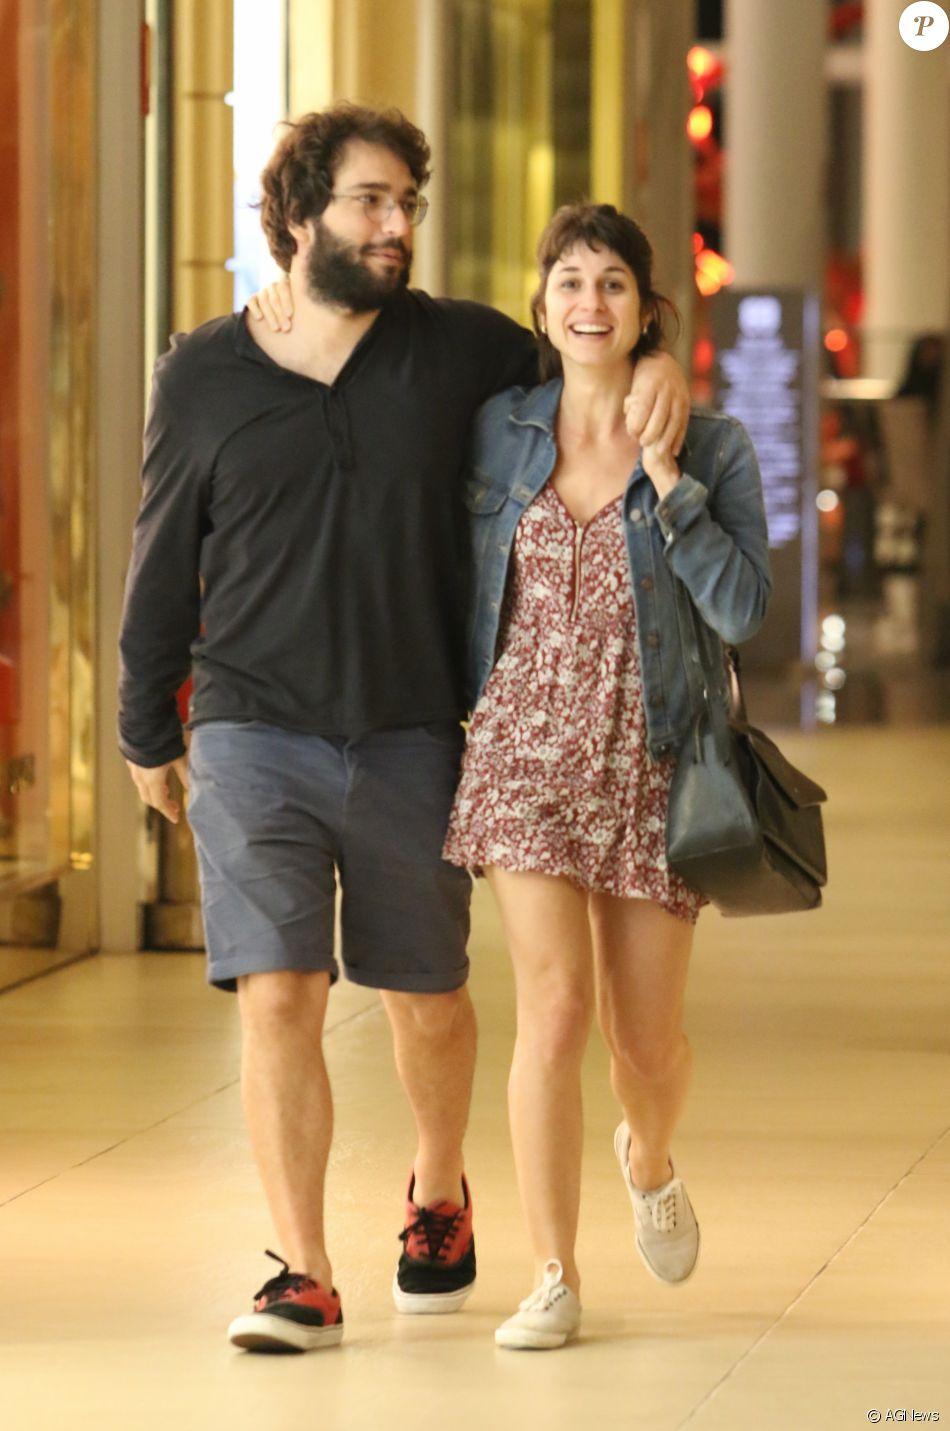 Humberto Carrão curte passeio abraçado à namorada, Chandelly Braz, no shopping Village Mall, na Barra da Tijuca, Zona Oeste do Rio de Janeiro, na noite deste domingo, 13 de agosto de 2017